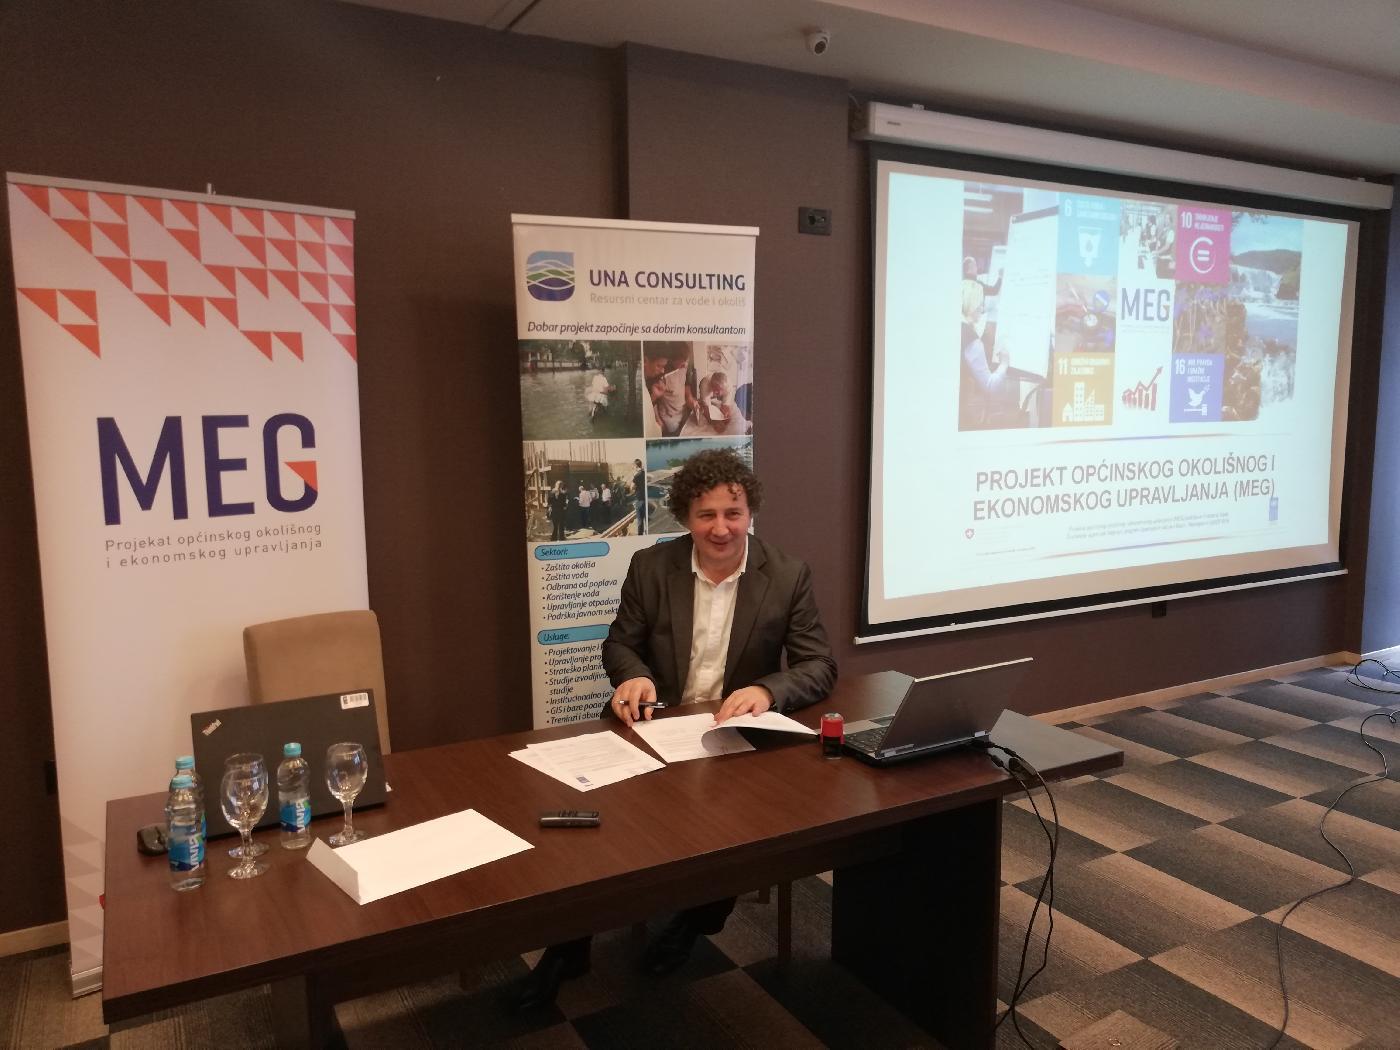 Potpisani ugovori za nastavak pružanja konsultantskih usluga u sklopu MEG projekta